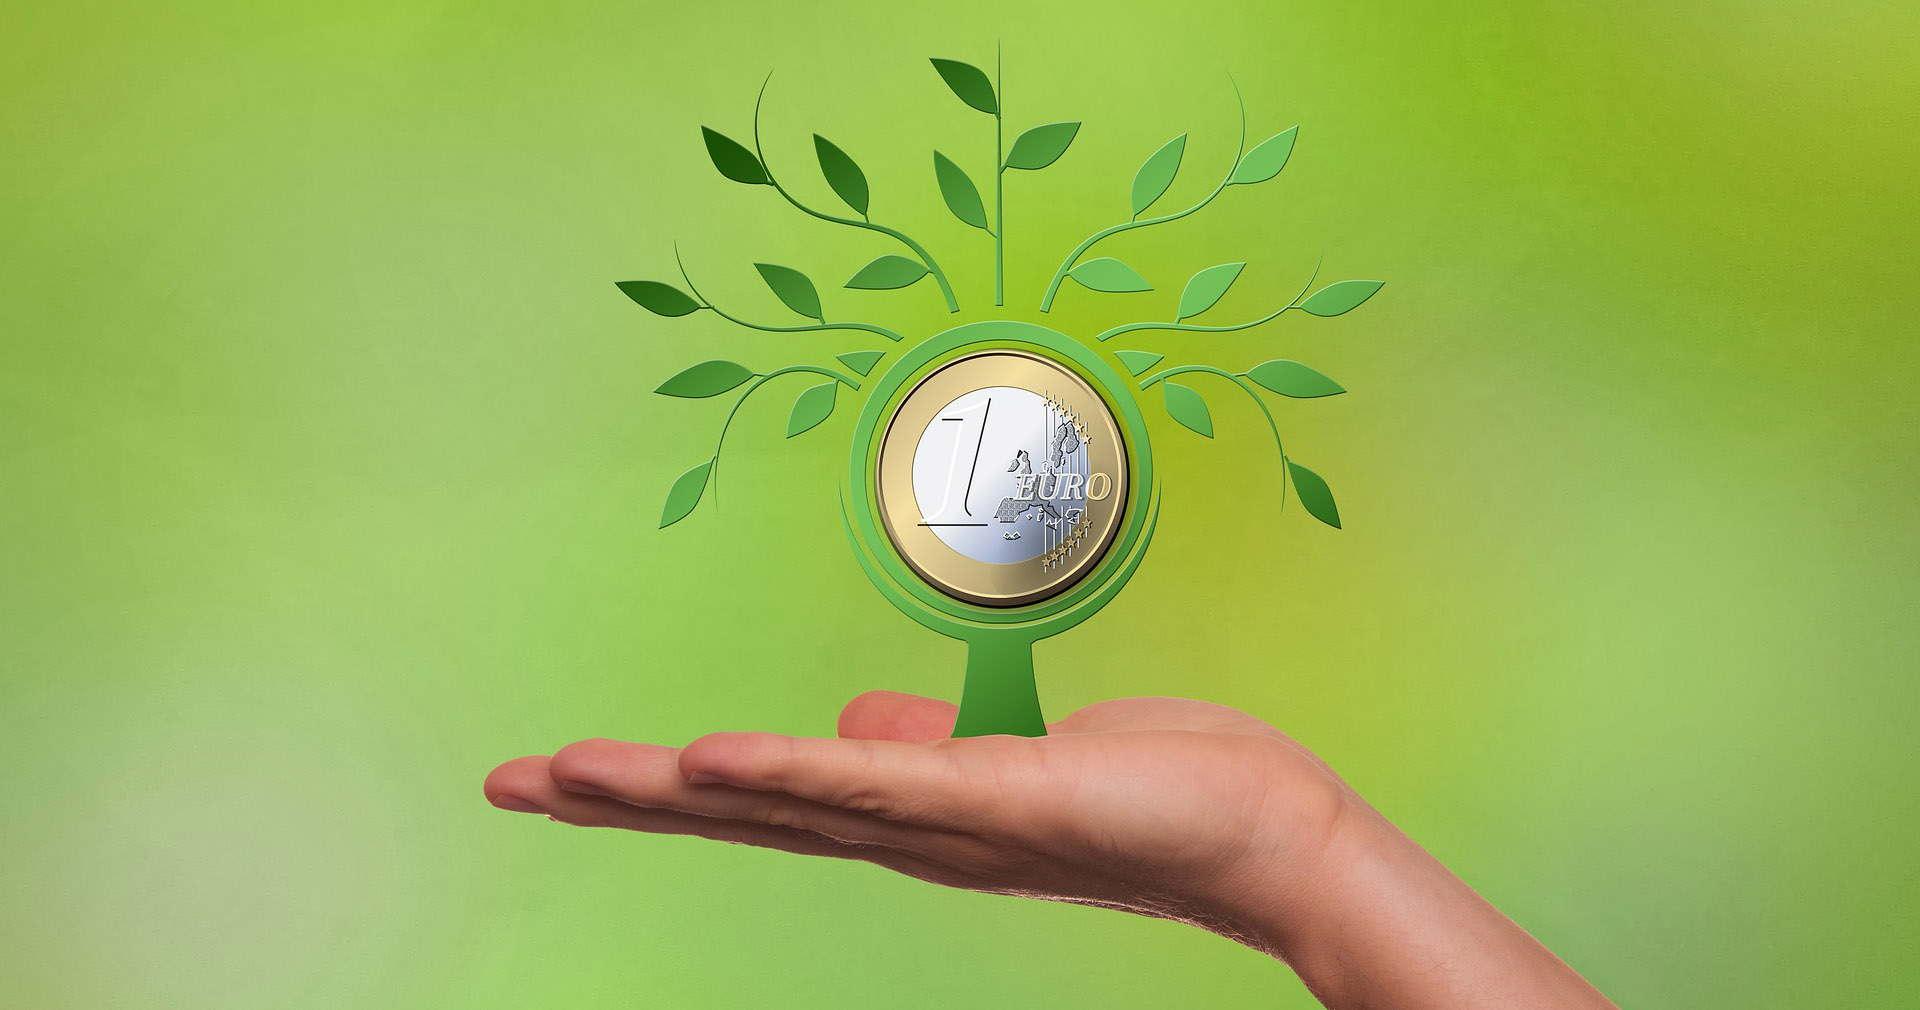 fuentes de ahorro con una instalación de autoconsumo fotovoltaico residencial